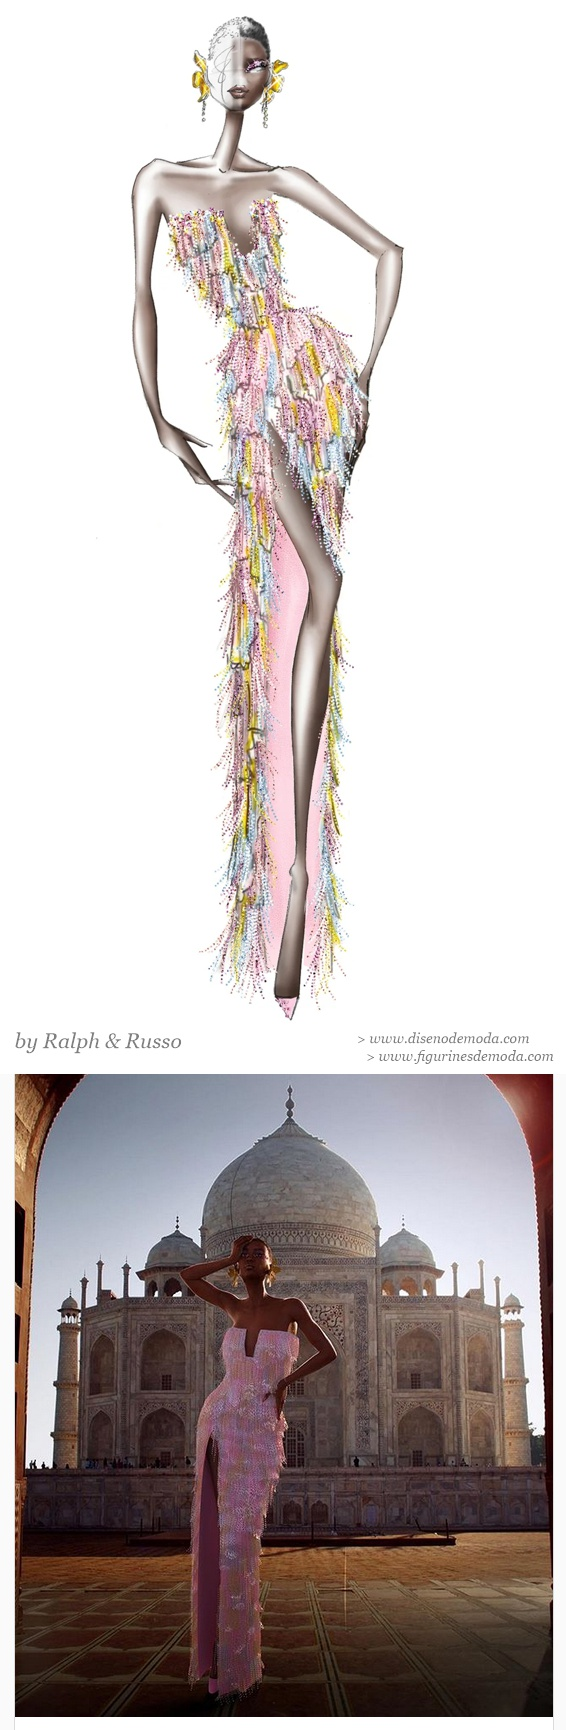 Figurín de moda original y su presentación en avatar virtual delante del Taj Mahal